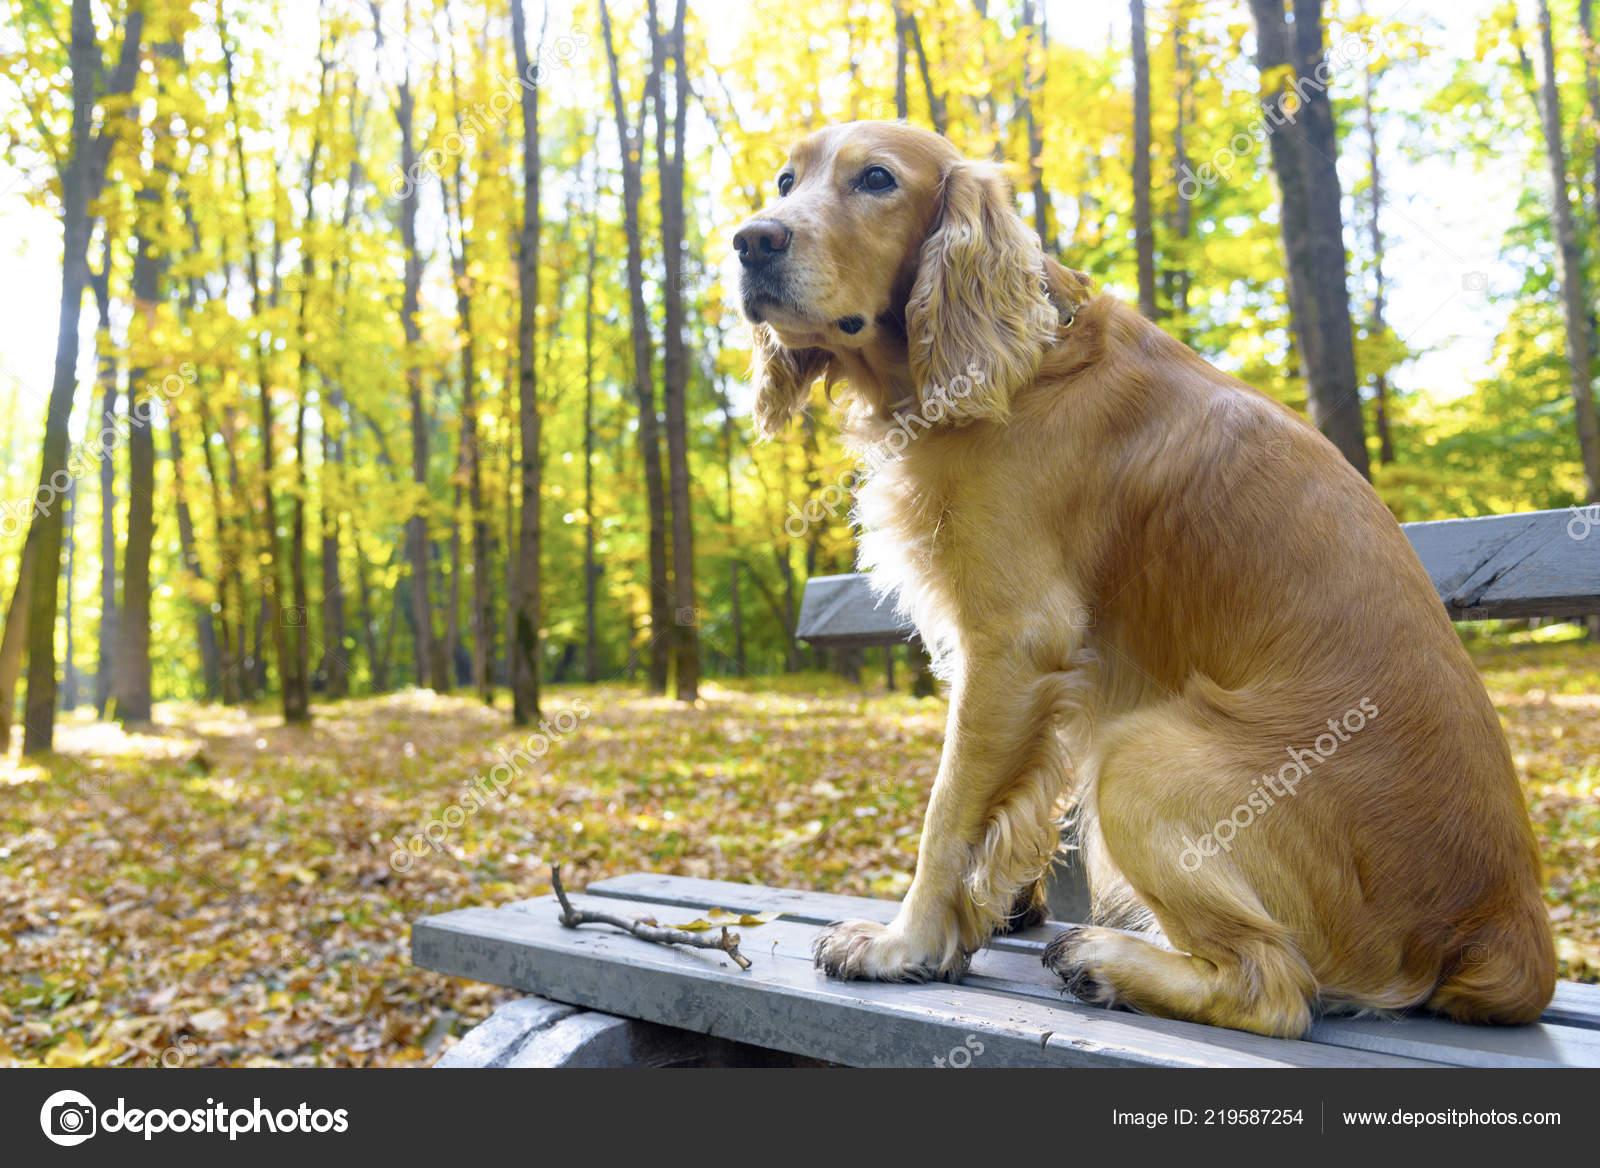 Hund Herbst Park Auf Einer Bank Stockfoto Gor 71 At Mailru 219587254